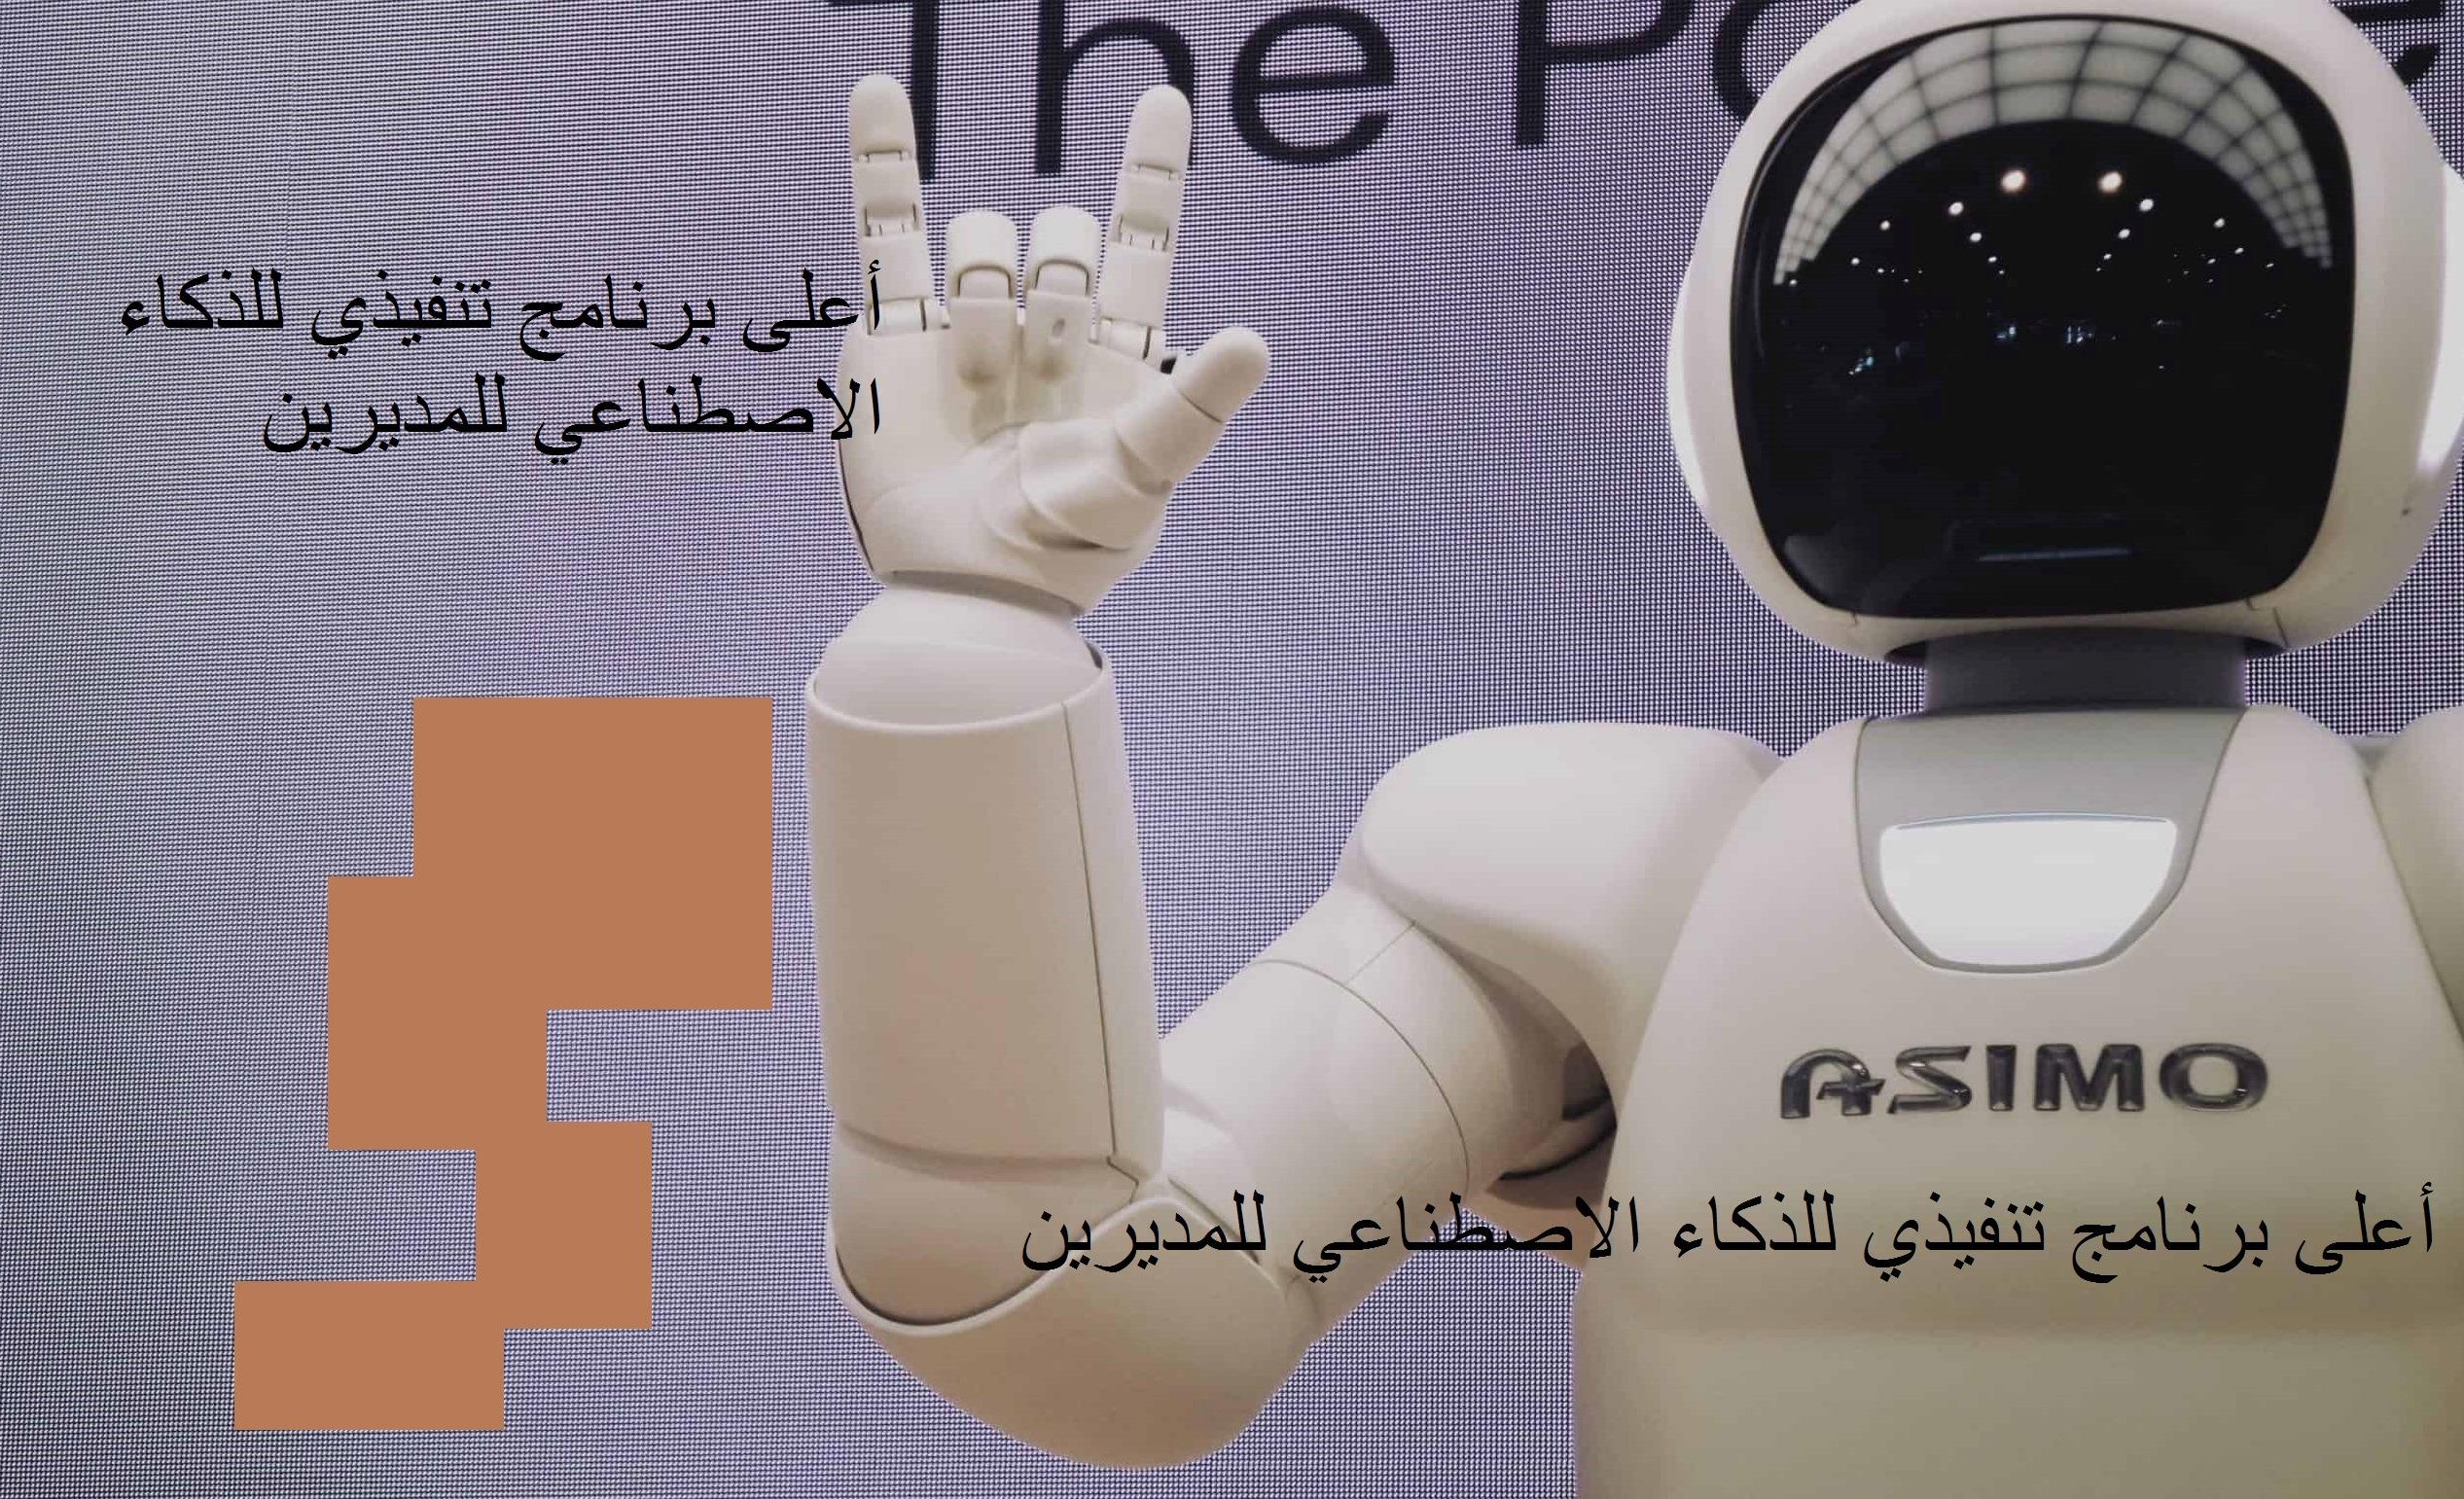 أعلى برنامج تدريبي و أفضل دورات الذكاء الاصطناعي [2021]